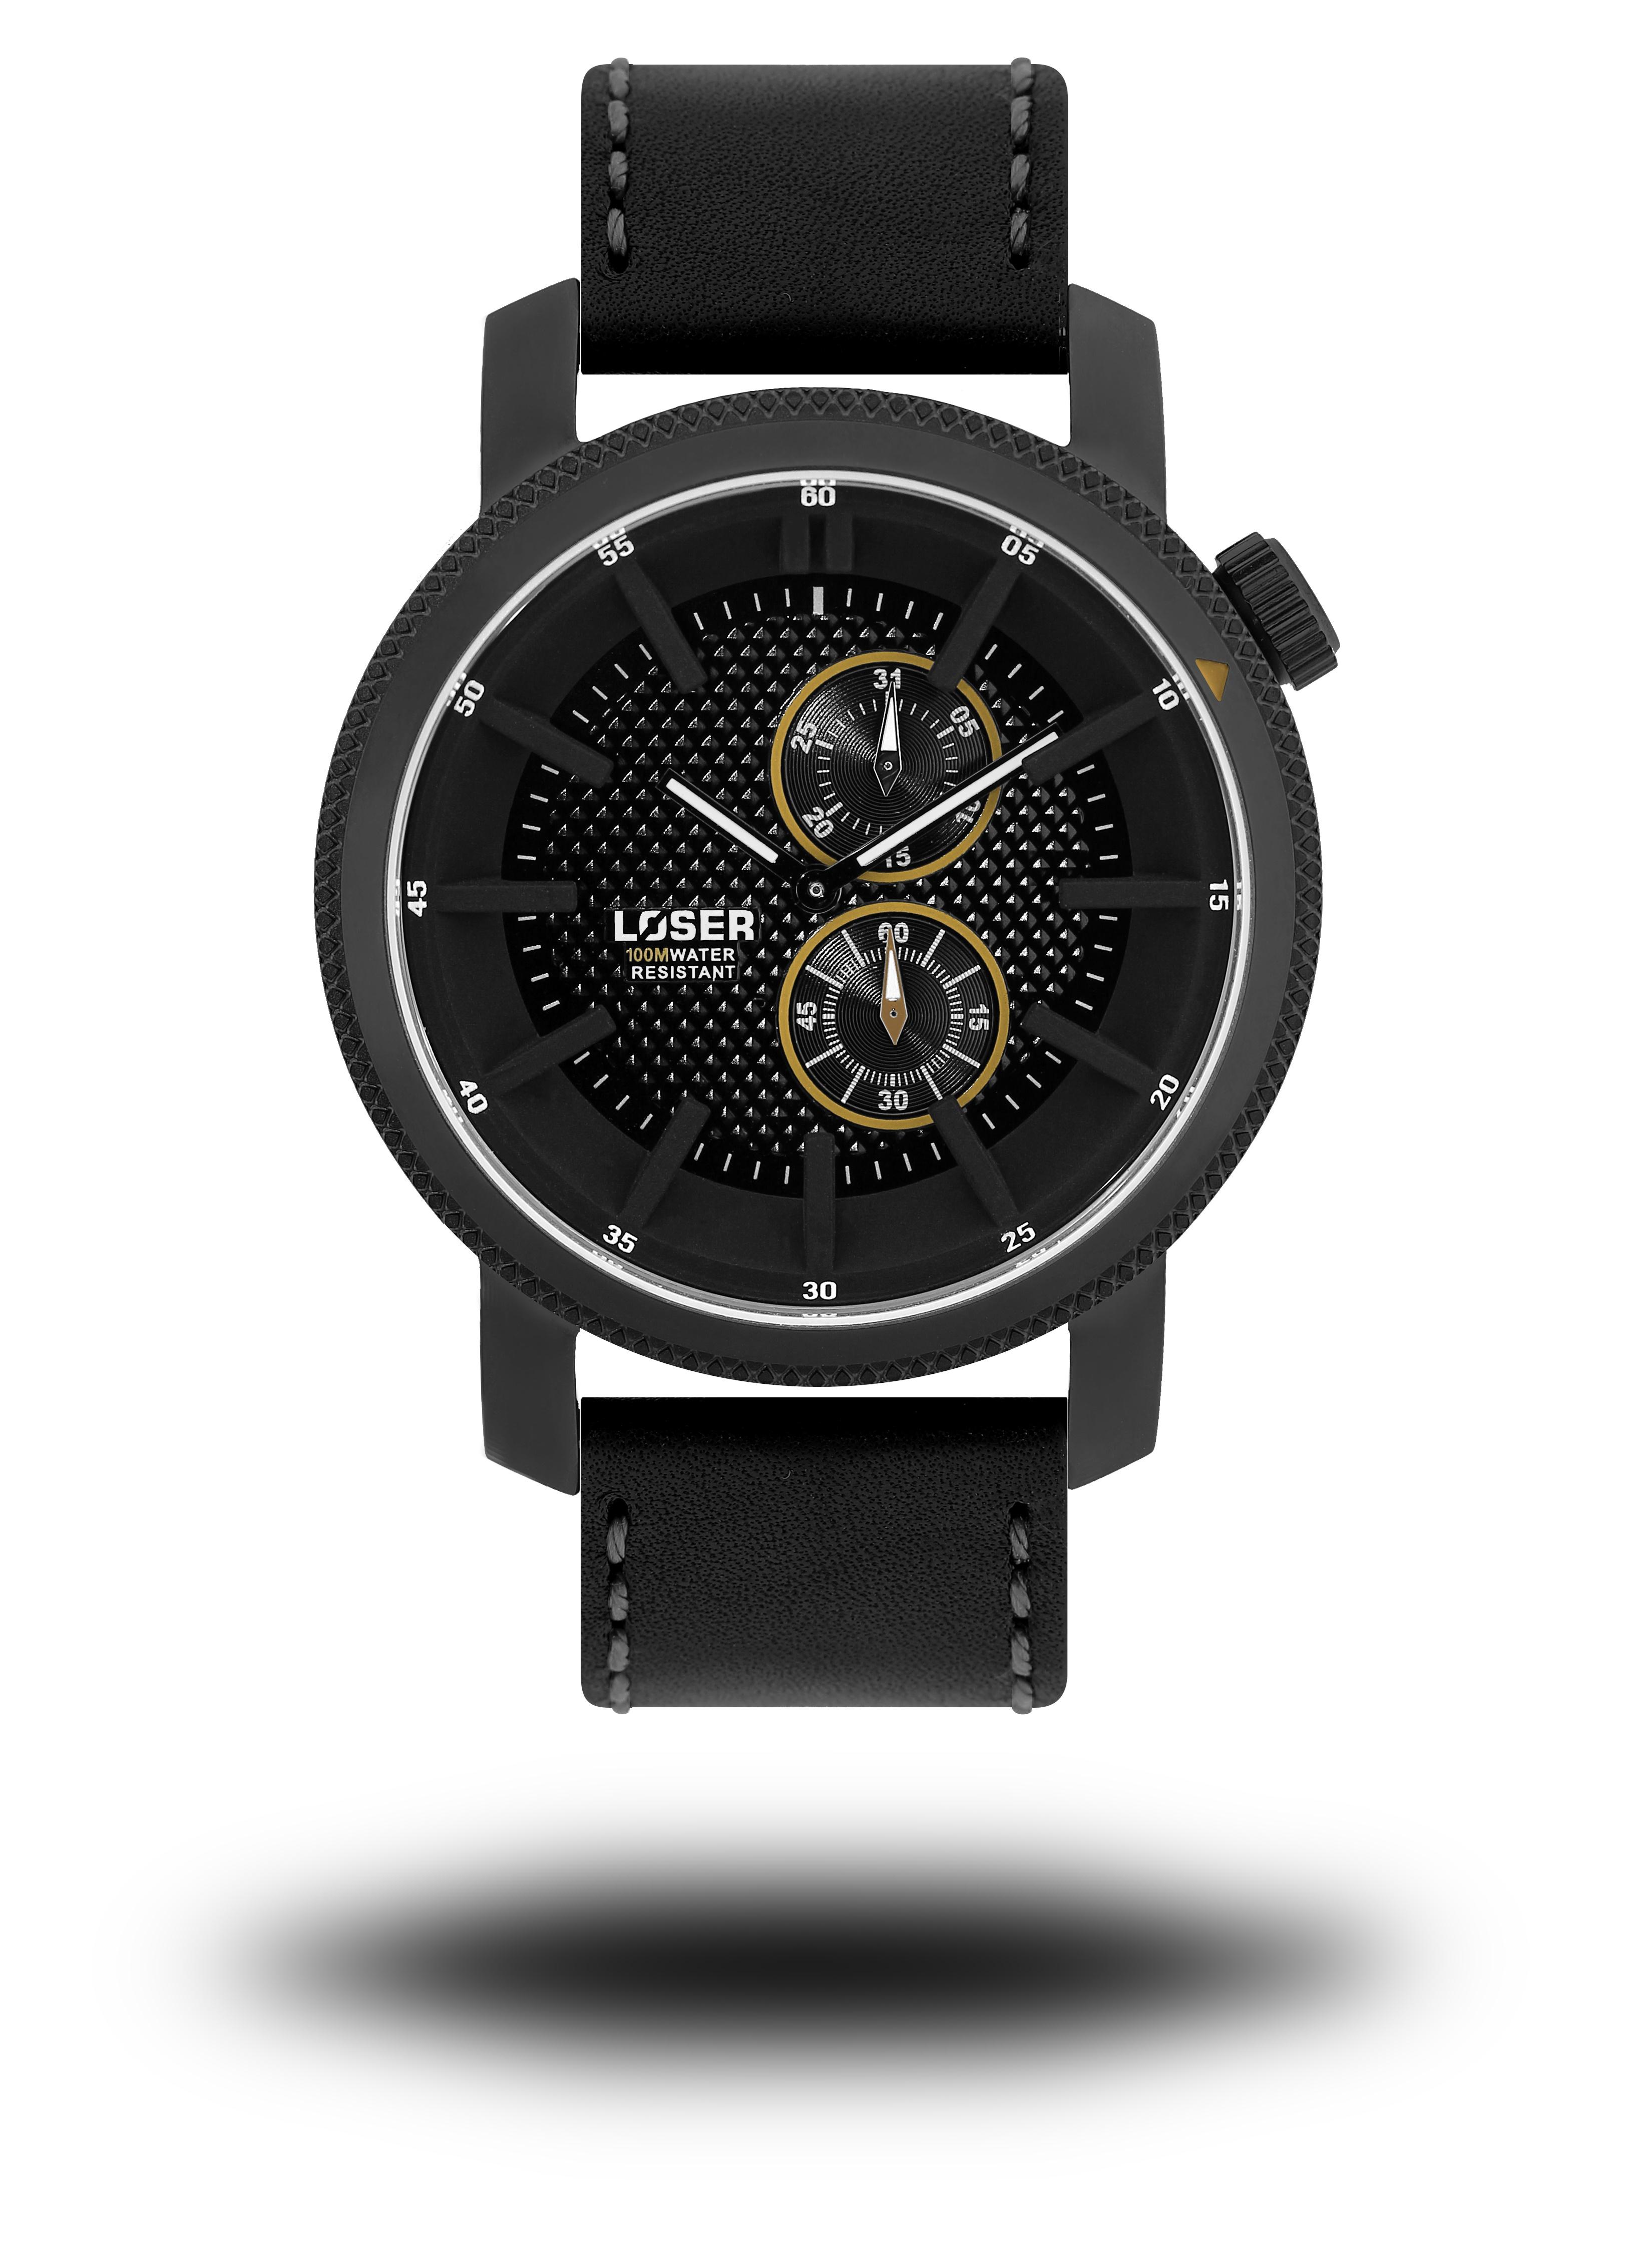 Luxusní nadčasové vodotěsné hodinky LOSER Infinity STAR (POŠTOVNÉ ZDARMA!!)